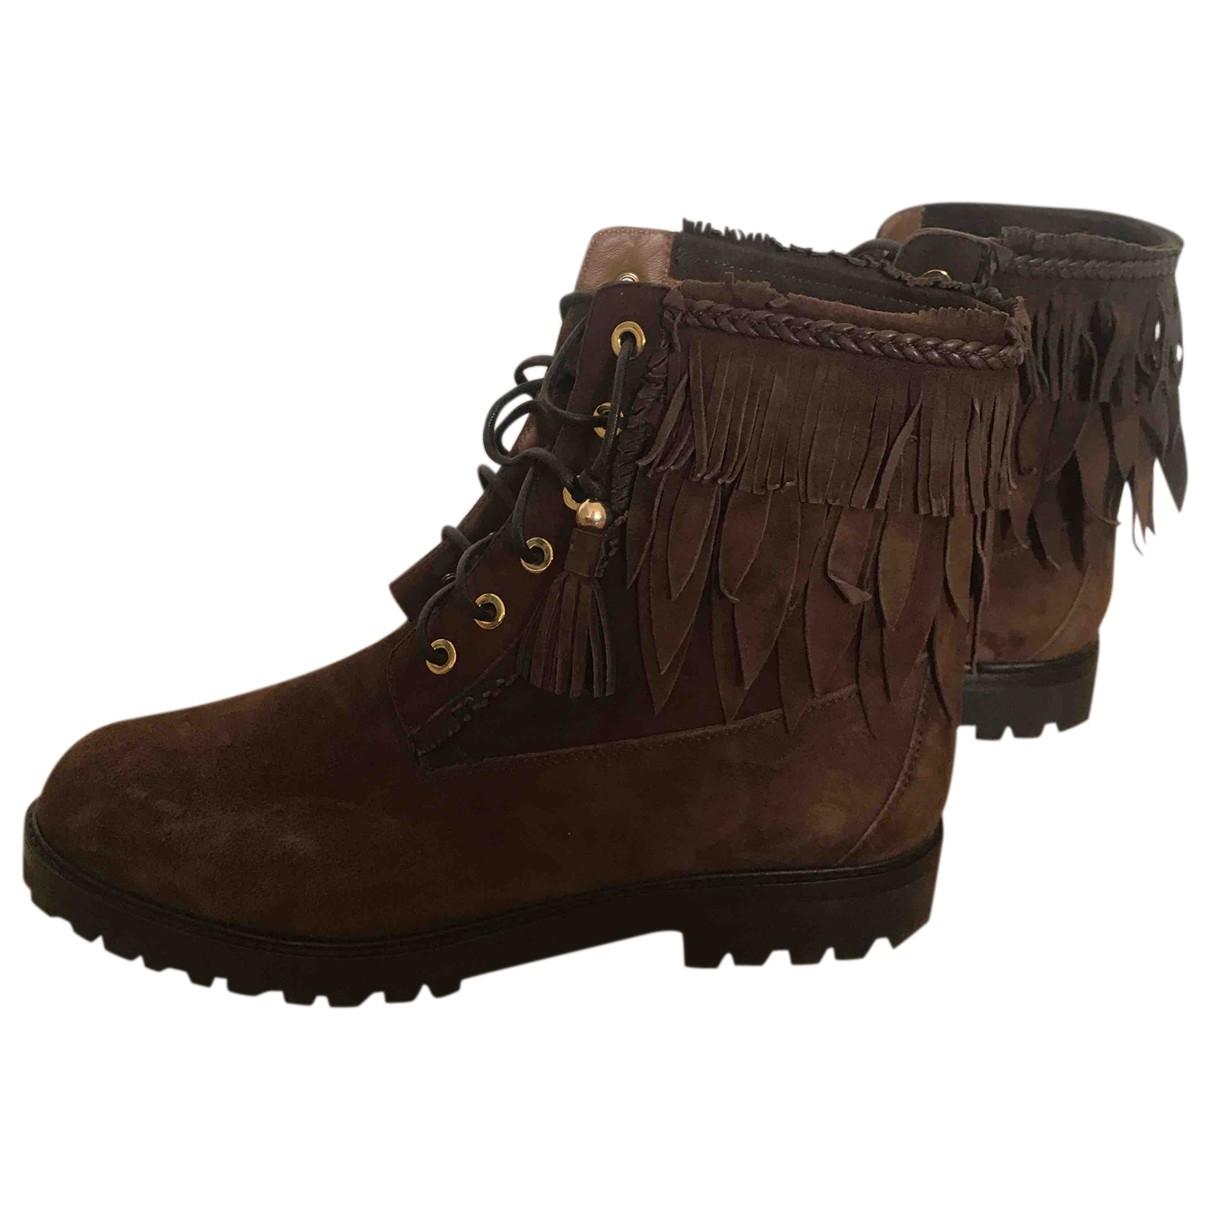 Aquazzura - Boots   pour femme en suede - camel